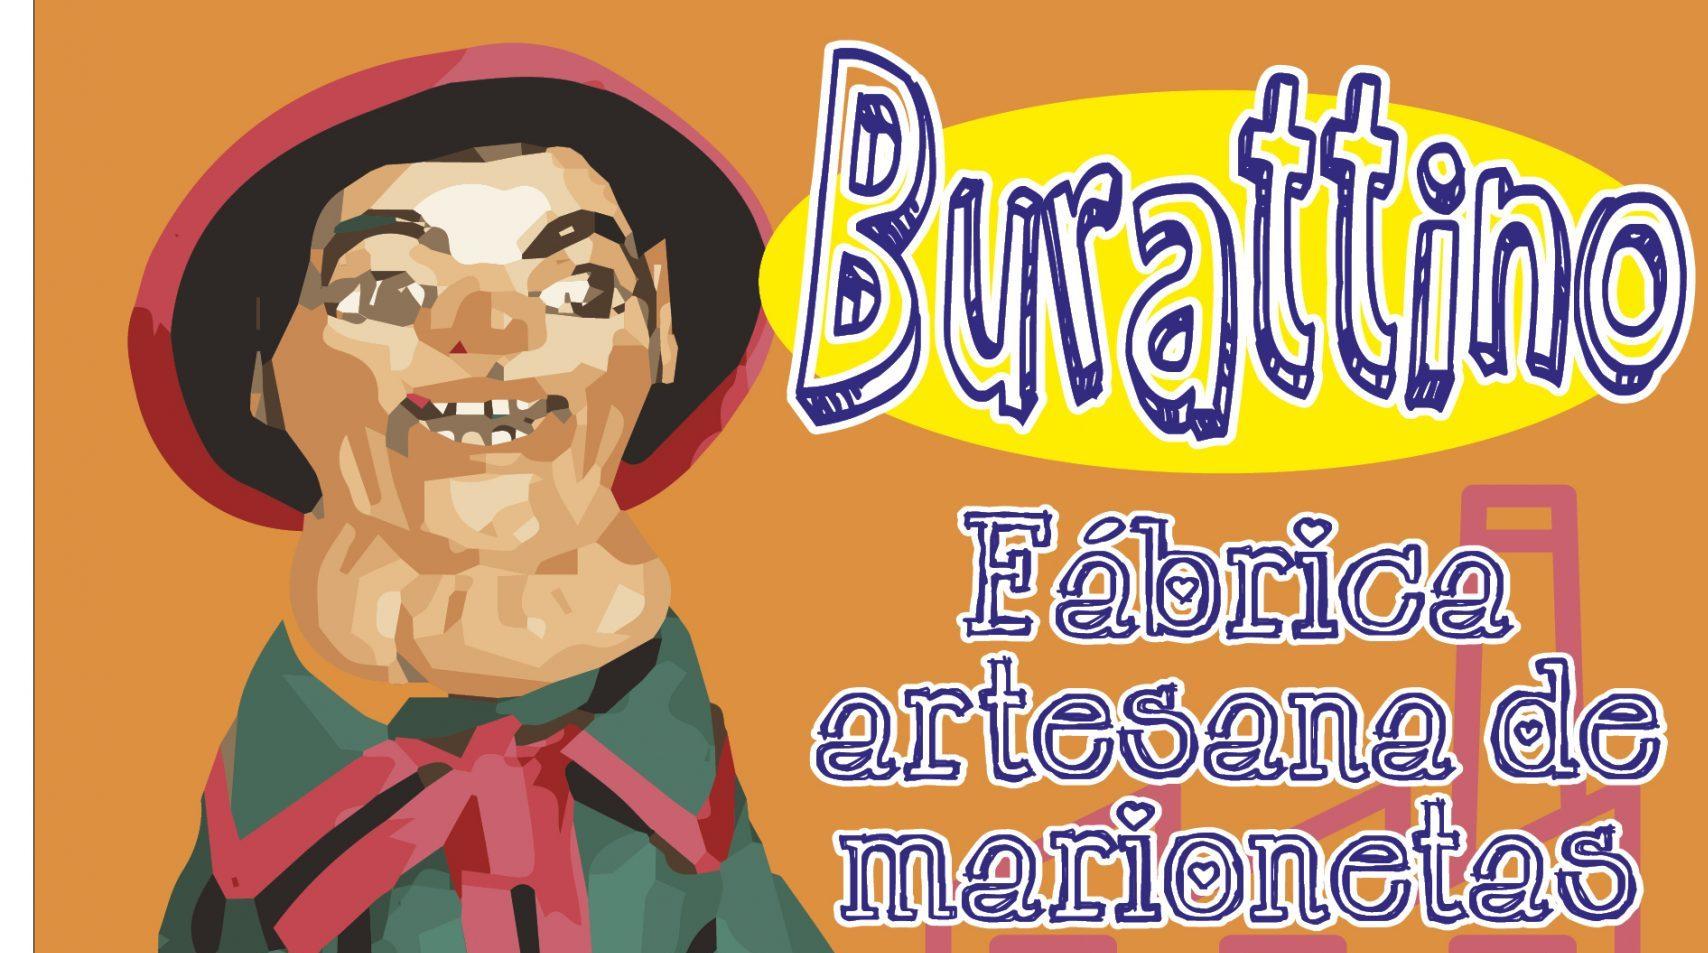 """Nath teatro presenta este fin de semana su obra """"Burattino, Fábrica internacional de marionetas"""" en bembibre y Camponaraya 1"""